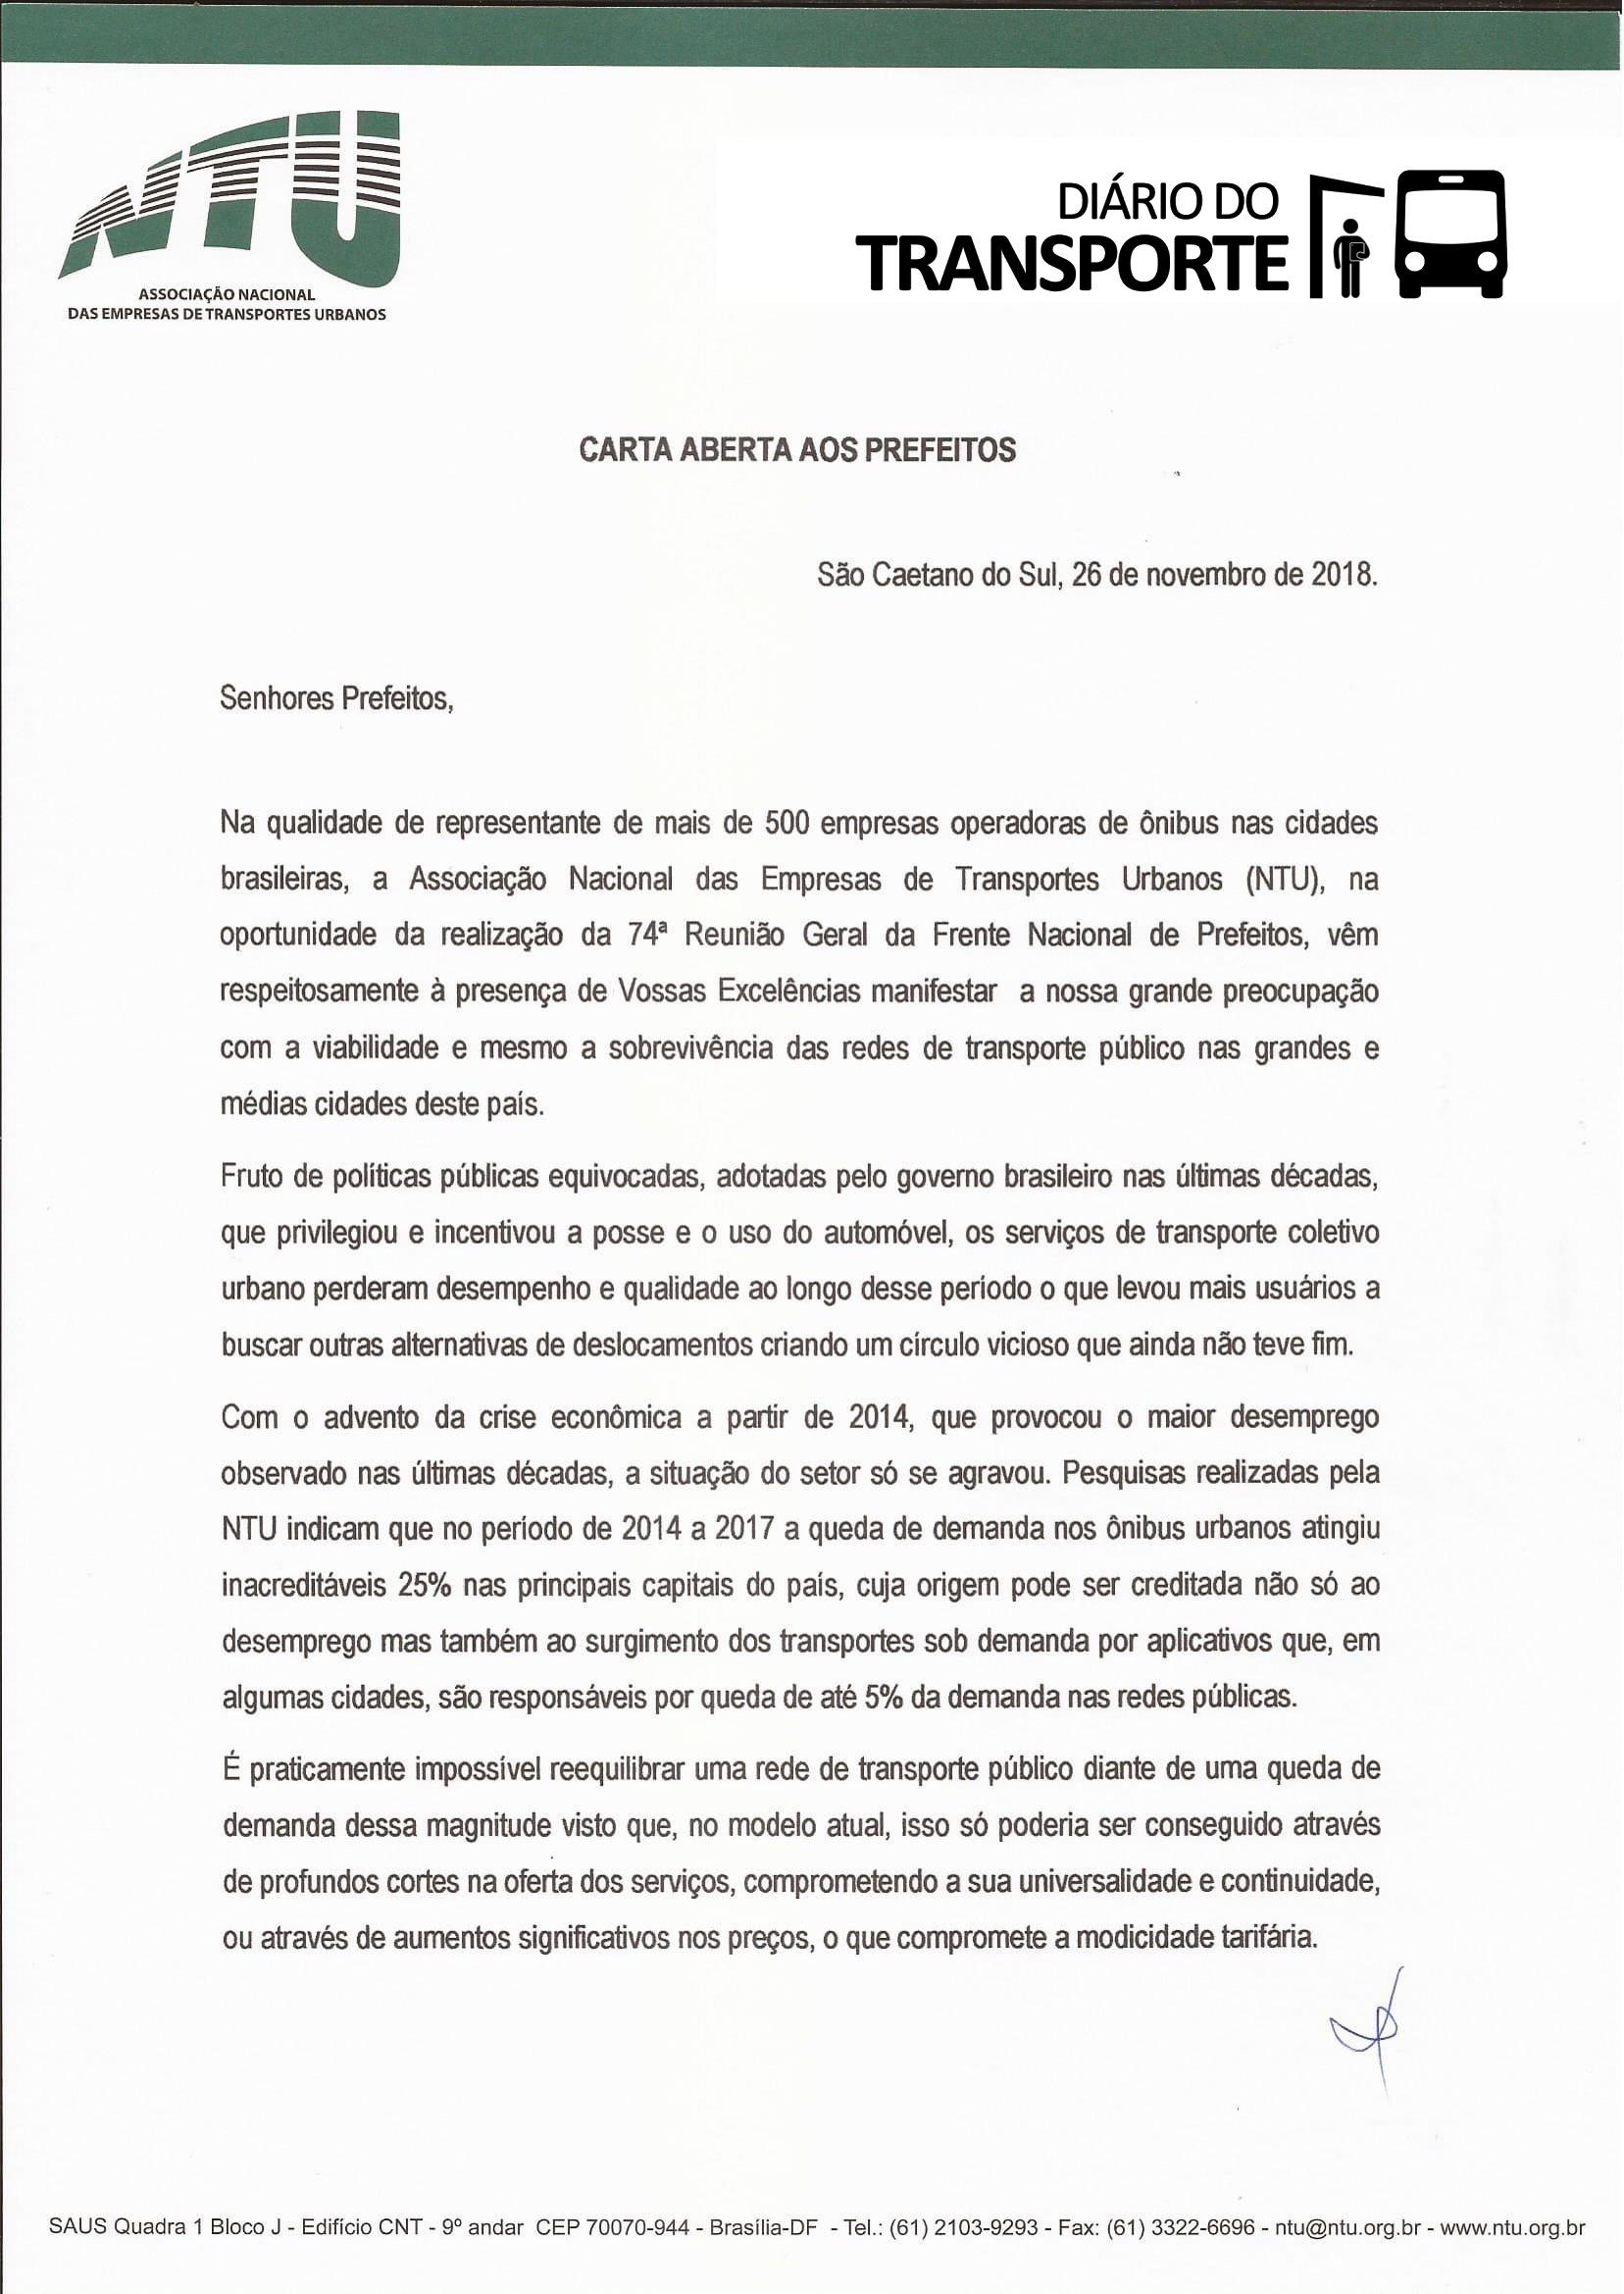 Carta Aberta aos Prefeitos_26_11 (2)-1